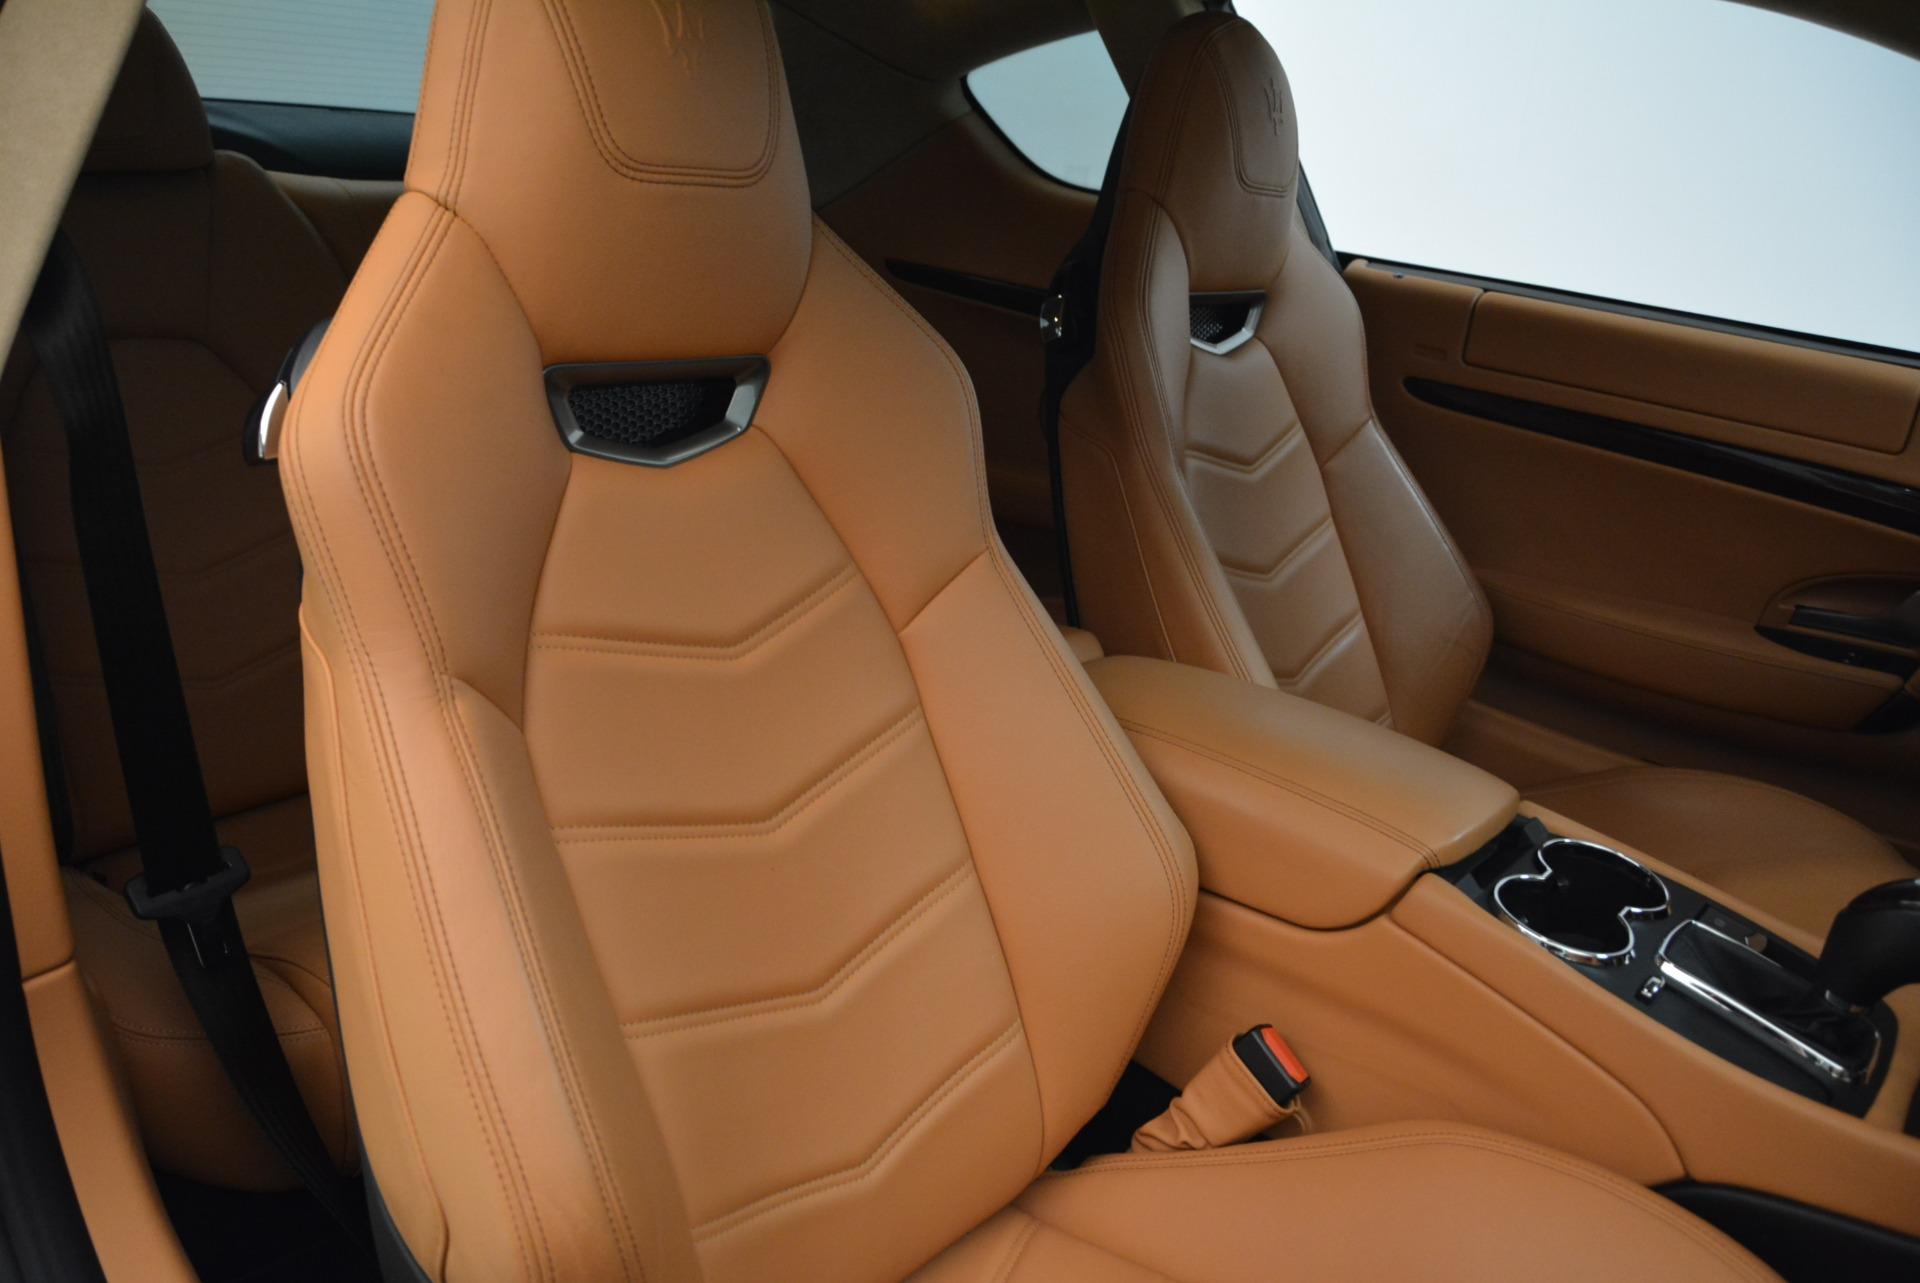 Used 2014 Maserati GranTurismo Sport For Sale In Greenwich, CT 2067_p22